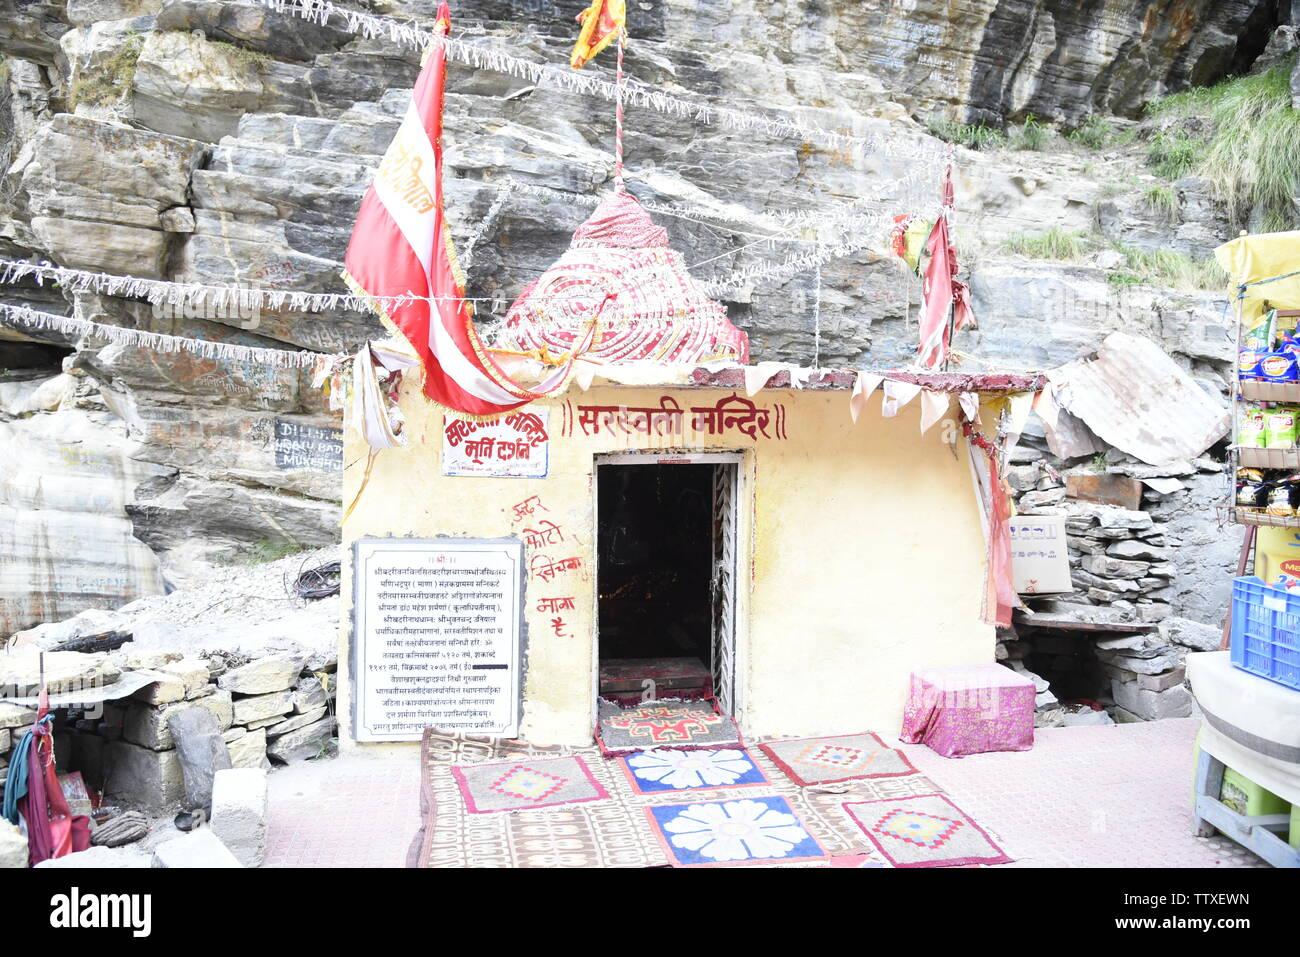 En la India el Templo Sarasvati última ALDEA aldea de maná 2019 en el Tíbet, cerca de la Frontera , Badrniath Chamoli, Rudrapryag, India, Asia Foto de stock